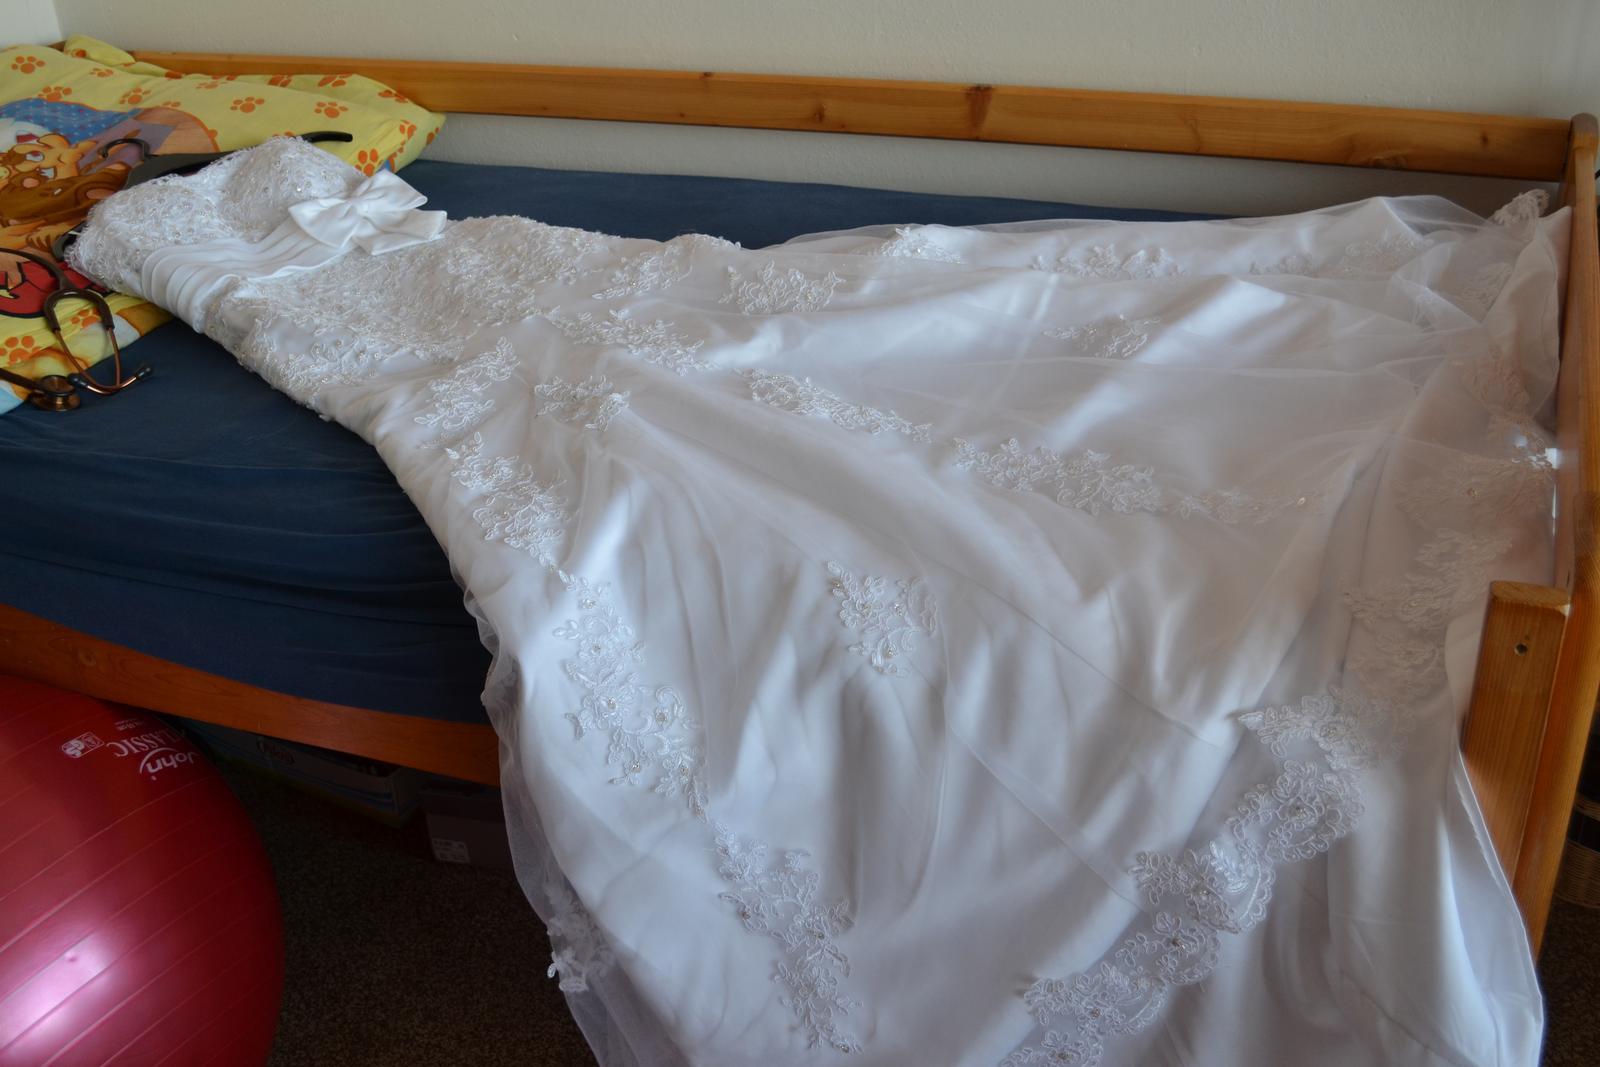 The First Day of Forever ♥ - moje šaty :) síce som pôvodne chcela jednoduché, bez vlečky a hlavne praktické, týmto som neodolala :) objednané cez net podľa obrázku, ale sú mi veľké, takže treba zúžiť, skrátiť, zohnať spodničku a potom bude všetko ako má byť :)